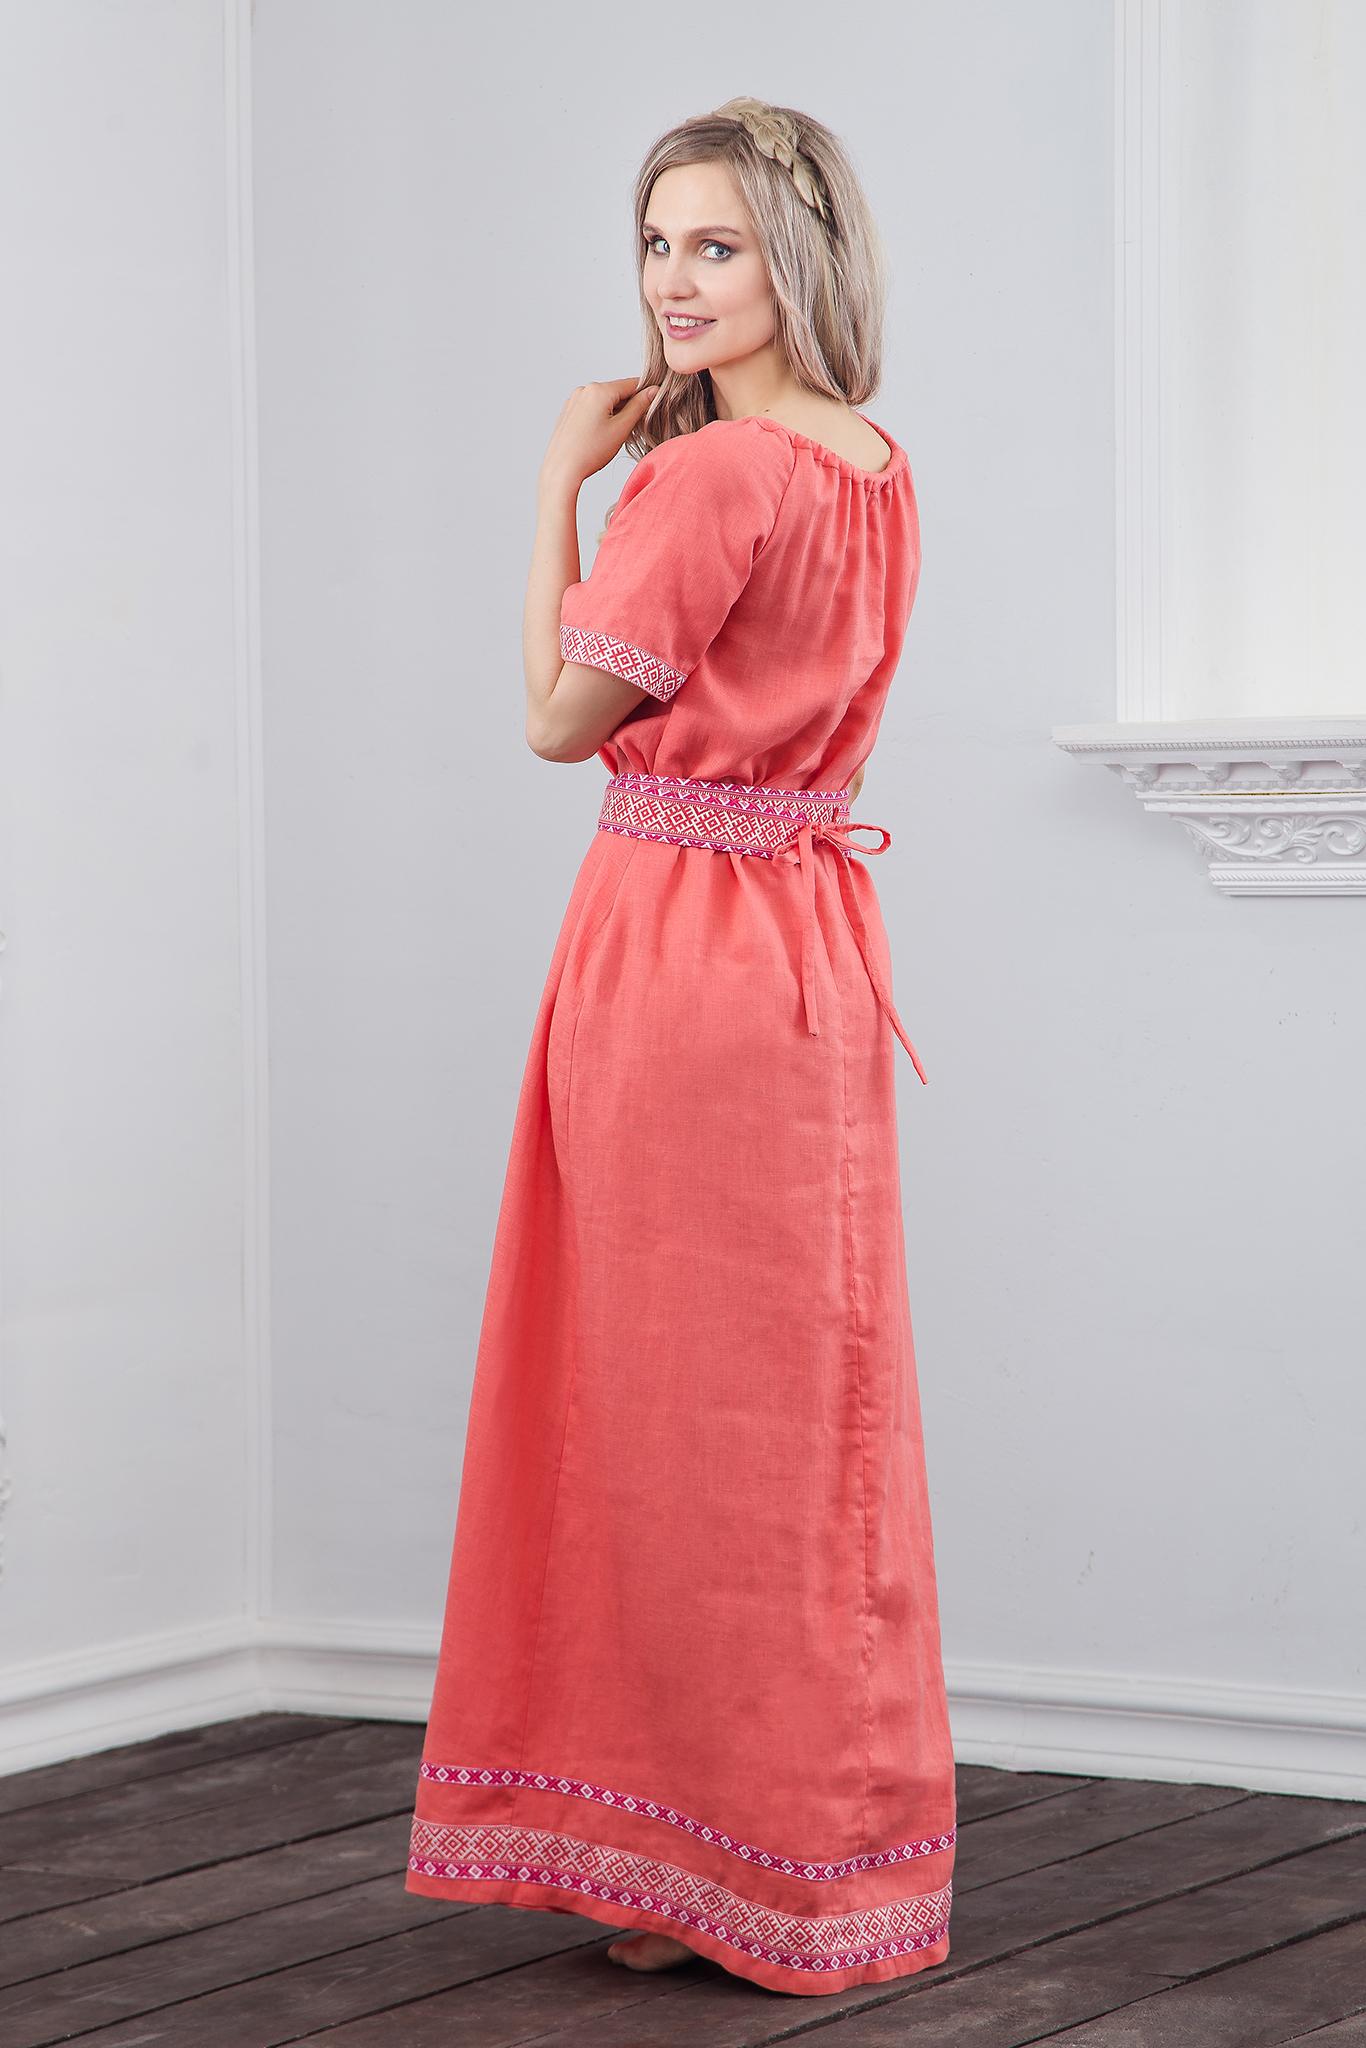 Льняное платье Сила младости вид сзади